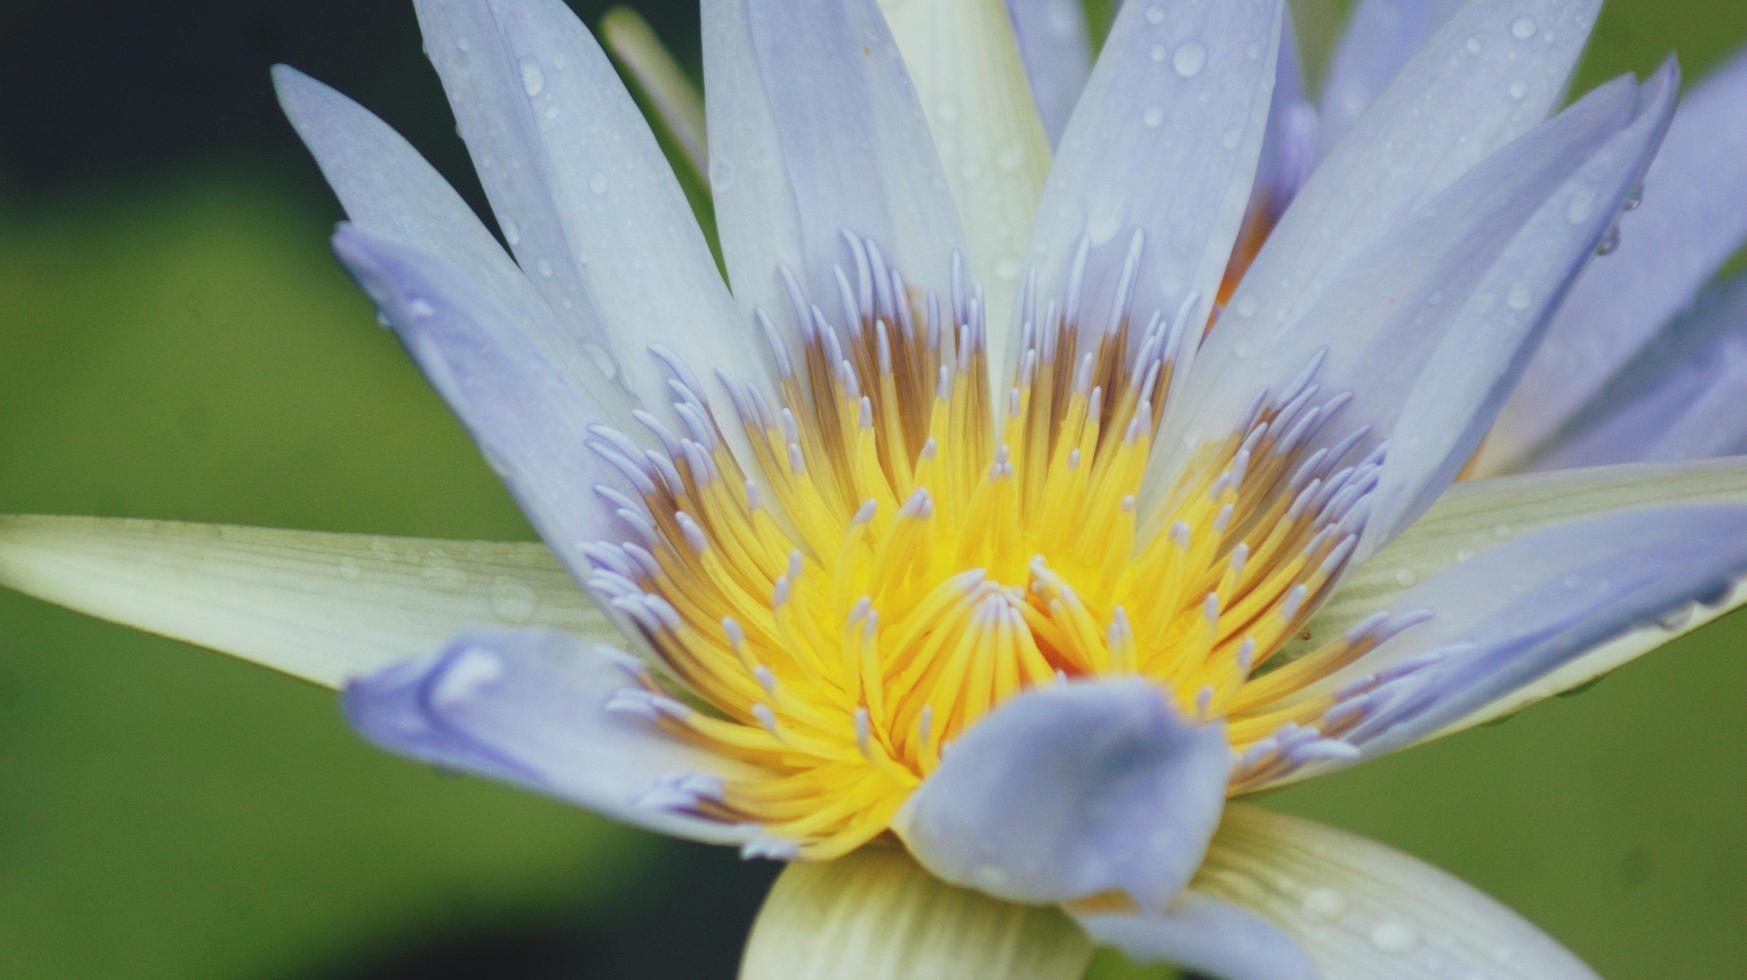 gros plan, de, a, fleur lotus bleu et jaune photo